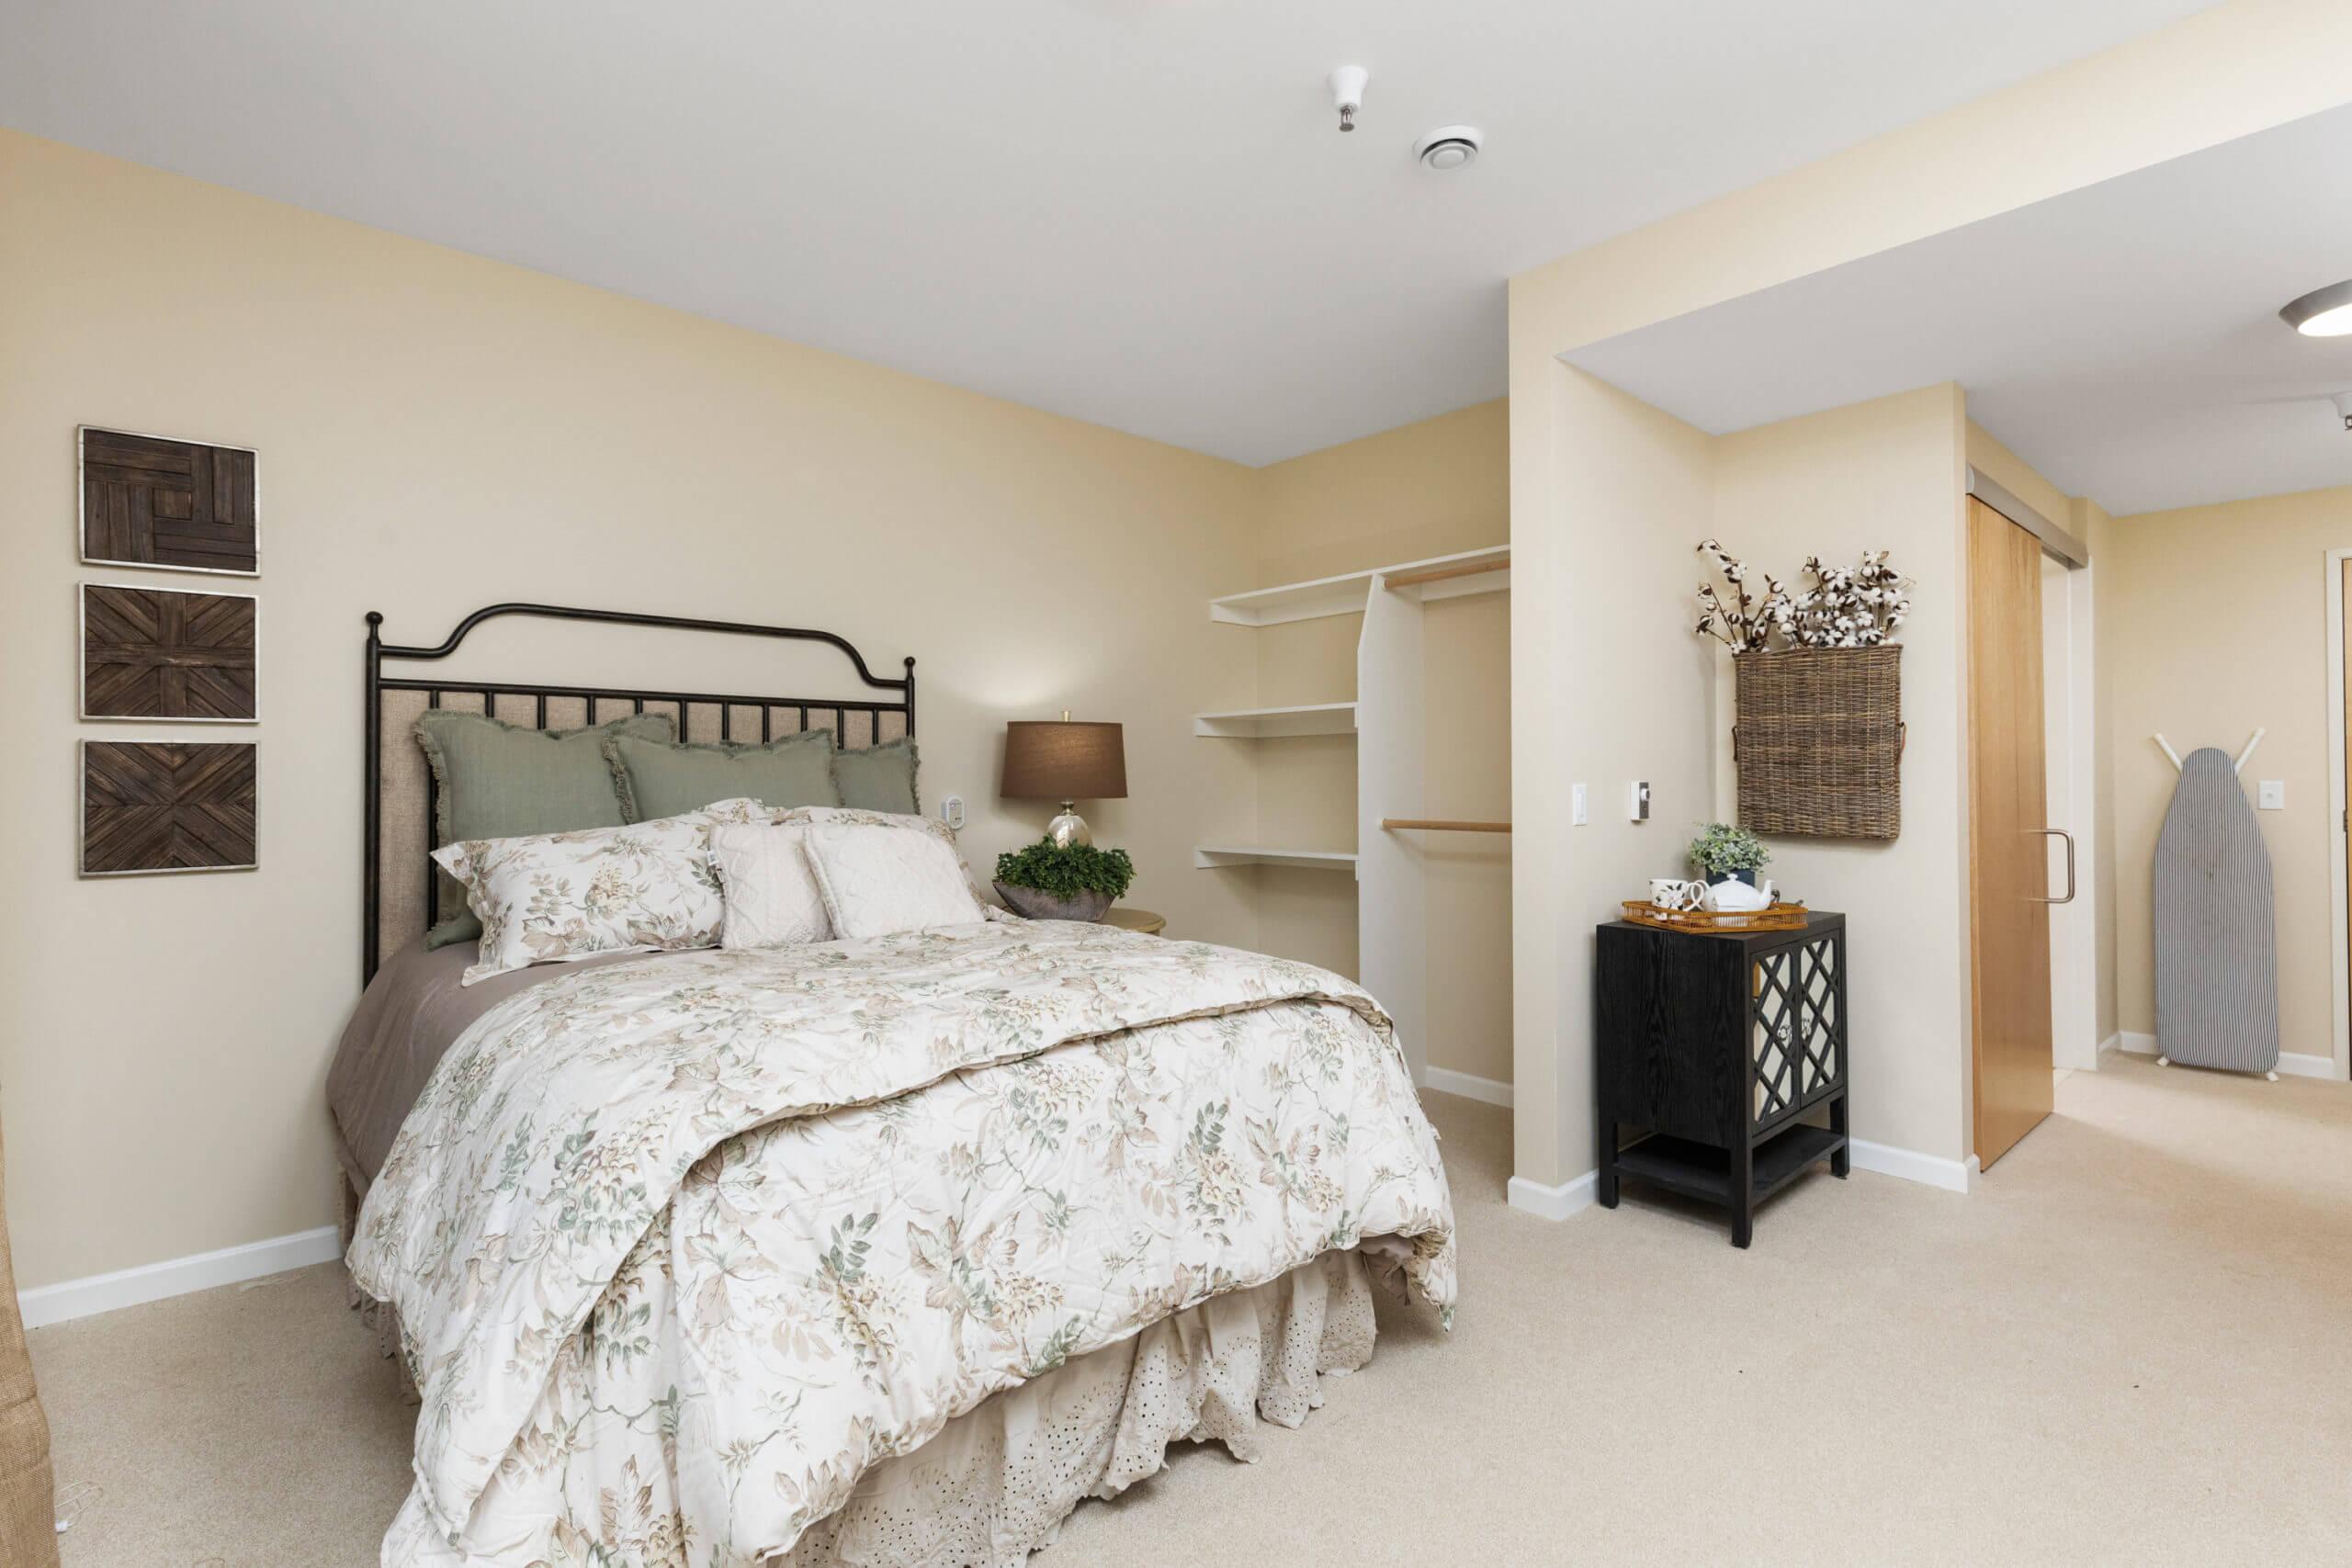 Baxter Senior Living Assisted Living Studio Bedroom